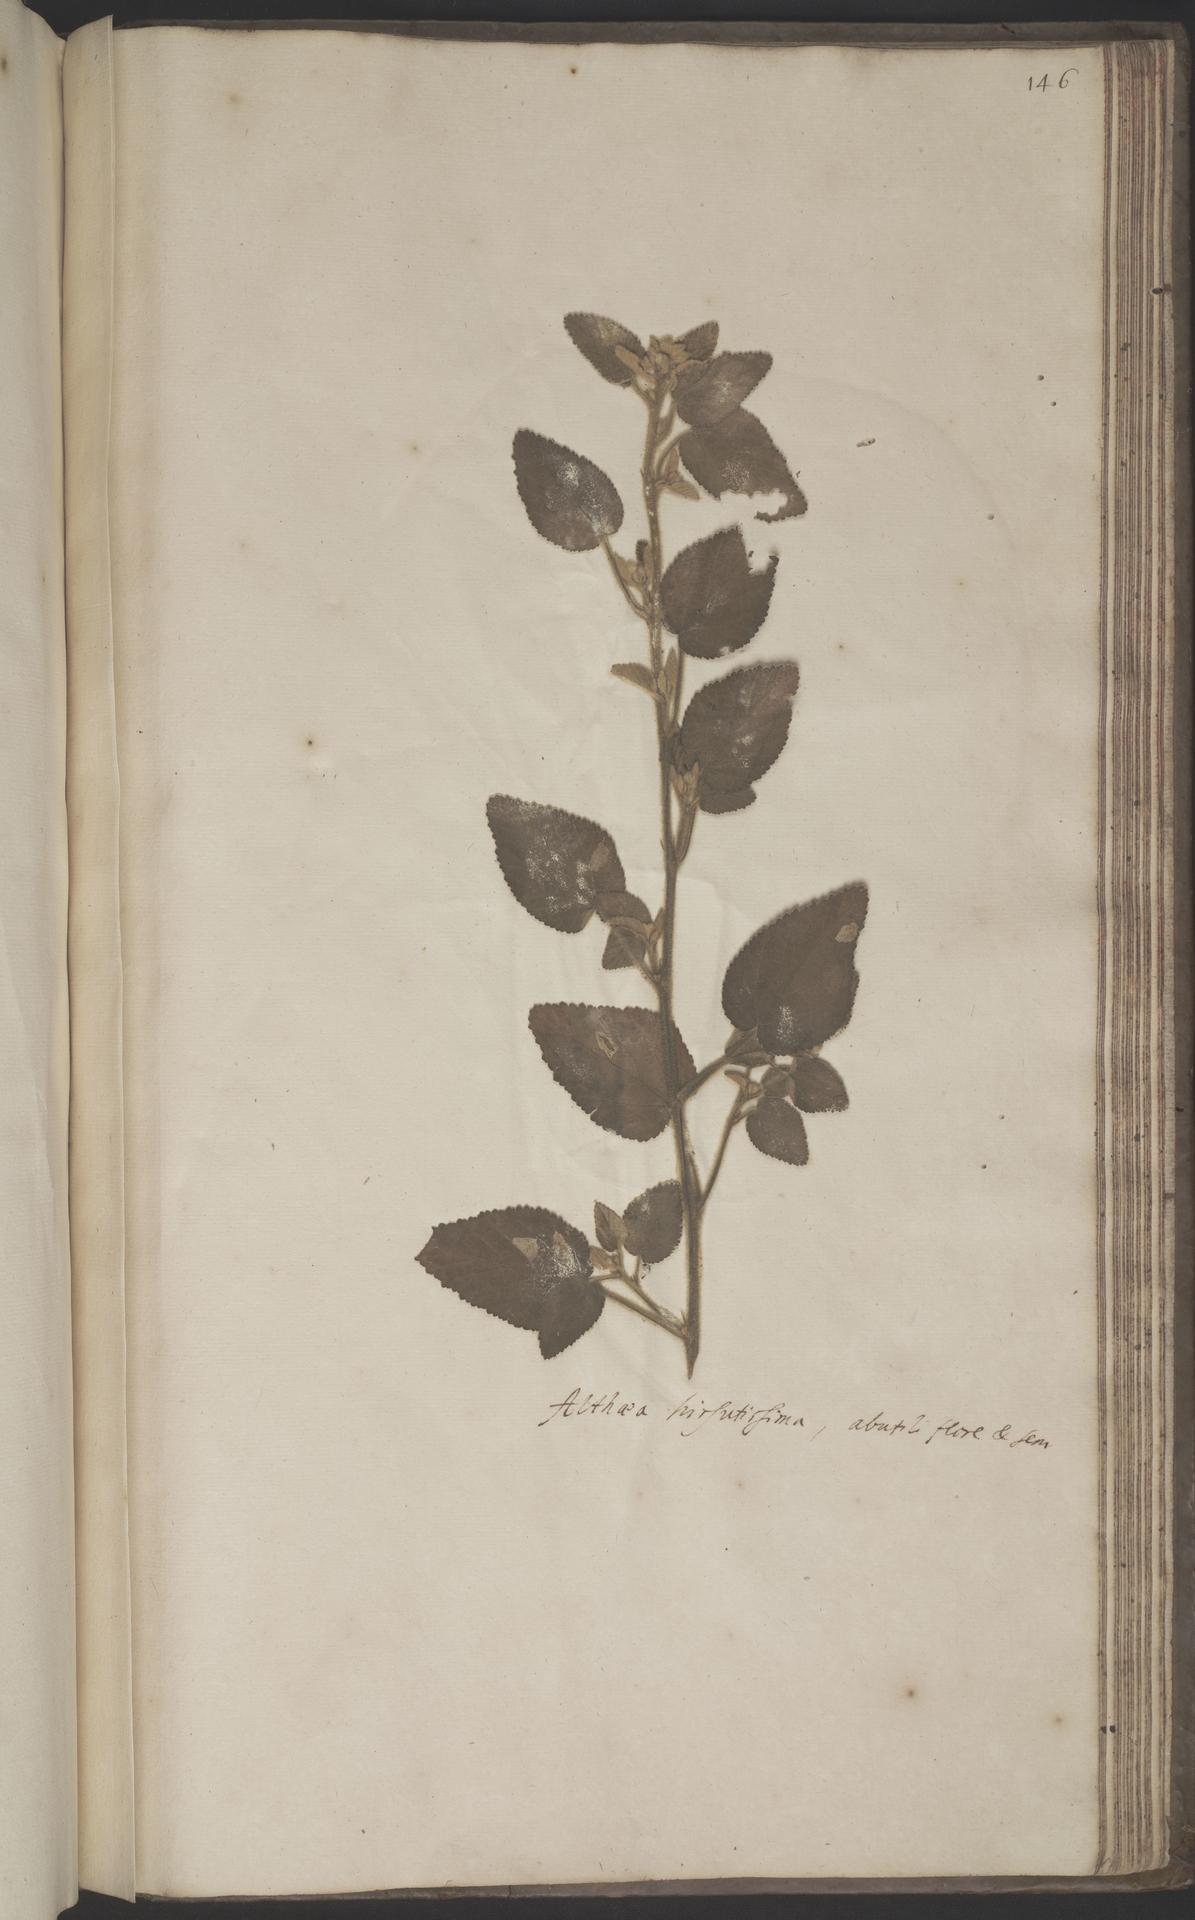 L.2070257 | Sida cordifolia L.